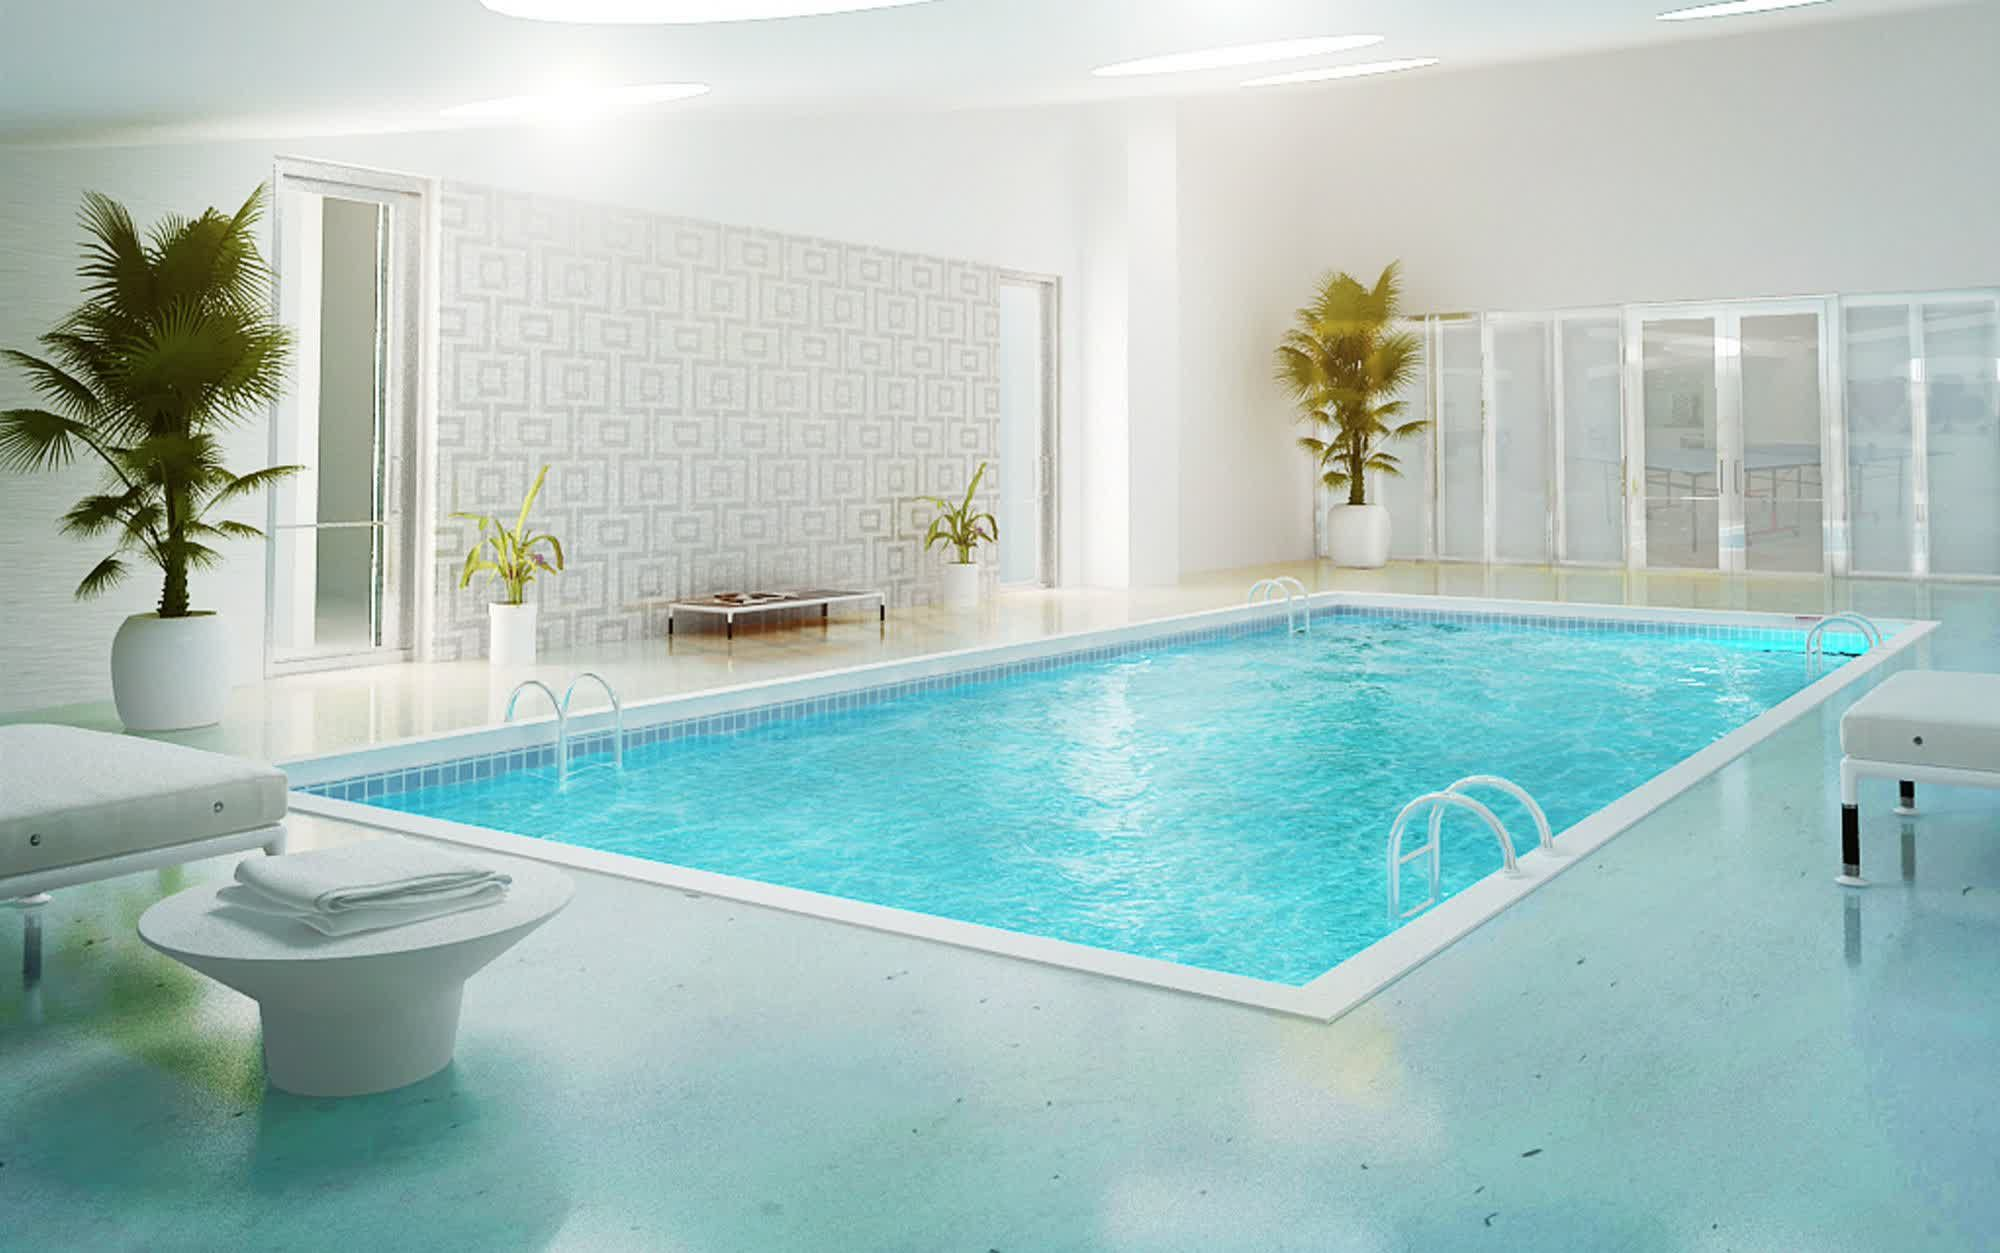 Erstellen Komfort Und Sicherheit Innen Pool Design